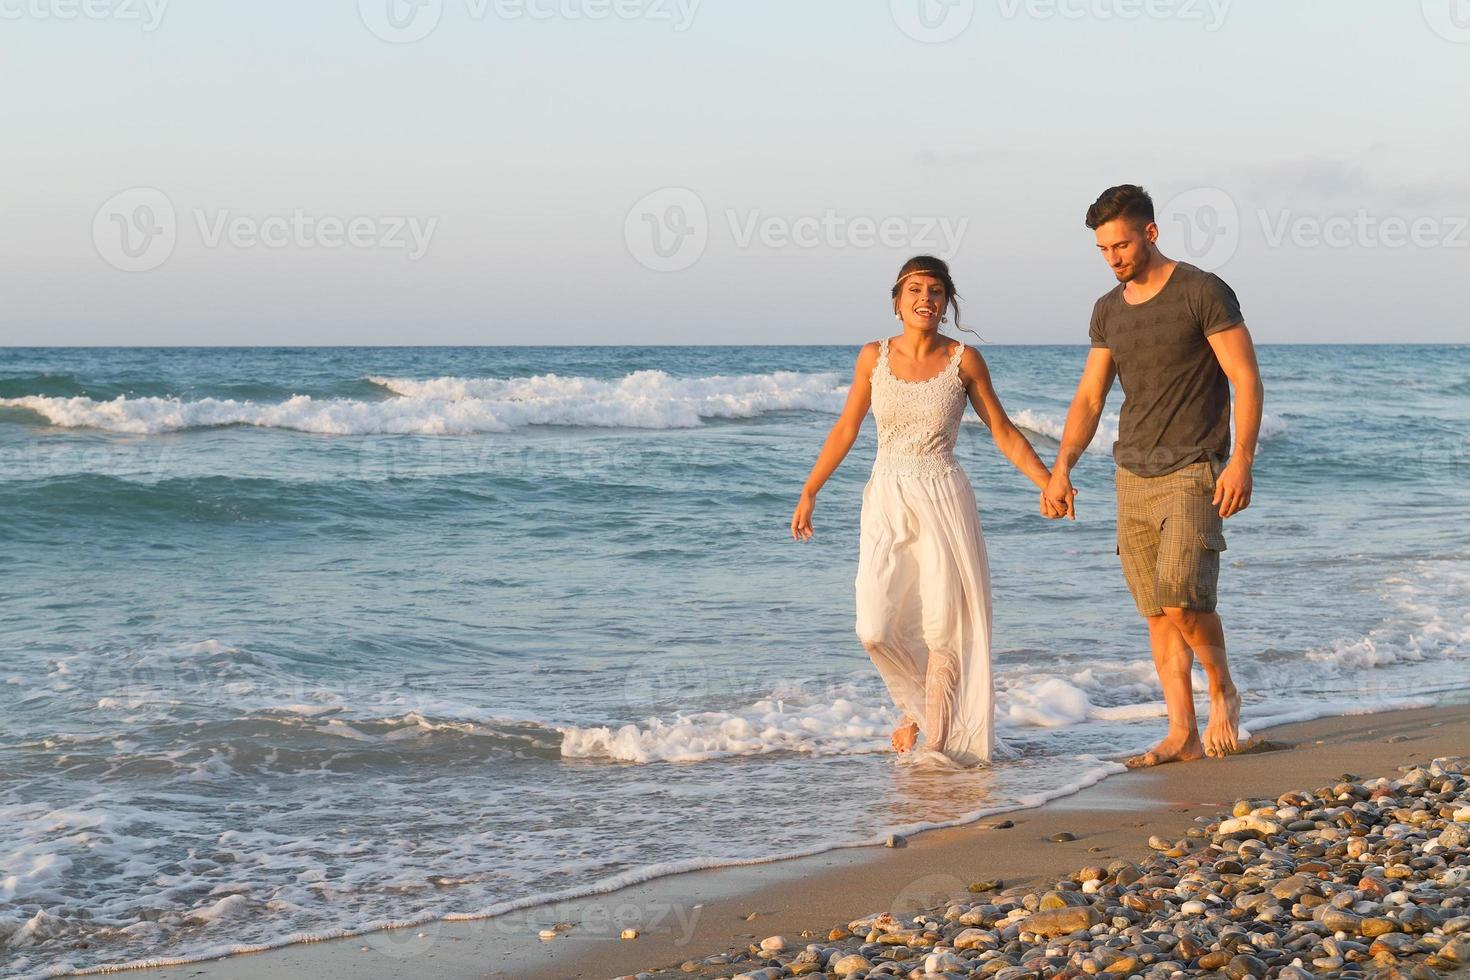 giovane coppia gode di camminare su una spiaggia nebbiosa al crepuscolo foto